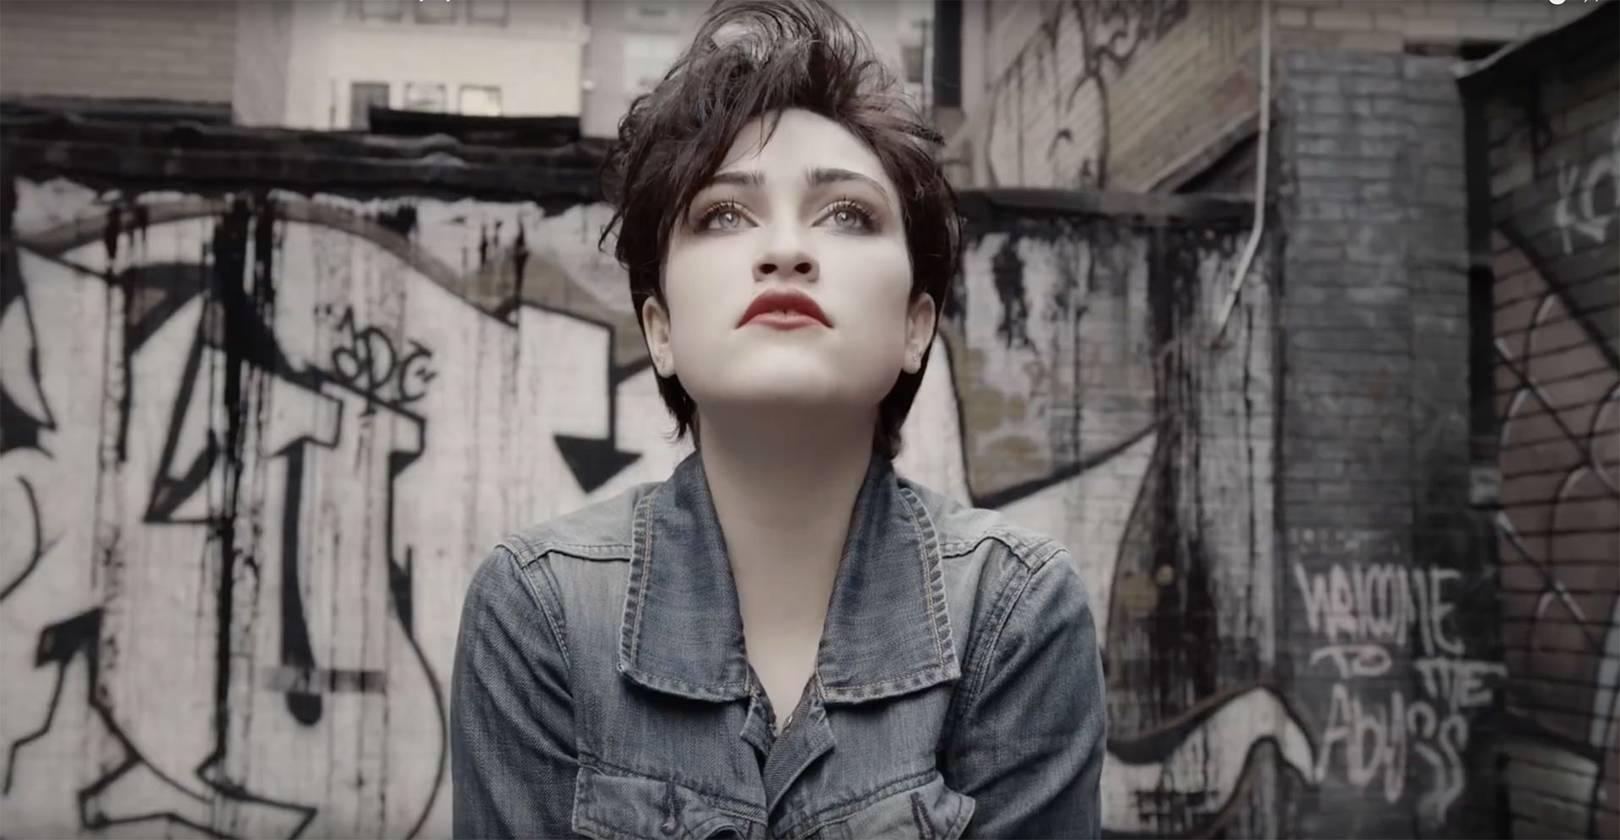 Madonna + The Breakfast Club | É bom e Vale a pena Assistir? Confira Trailer, Sinopse e mais